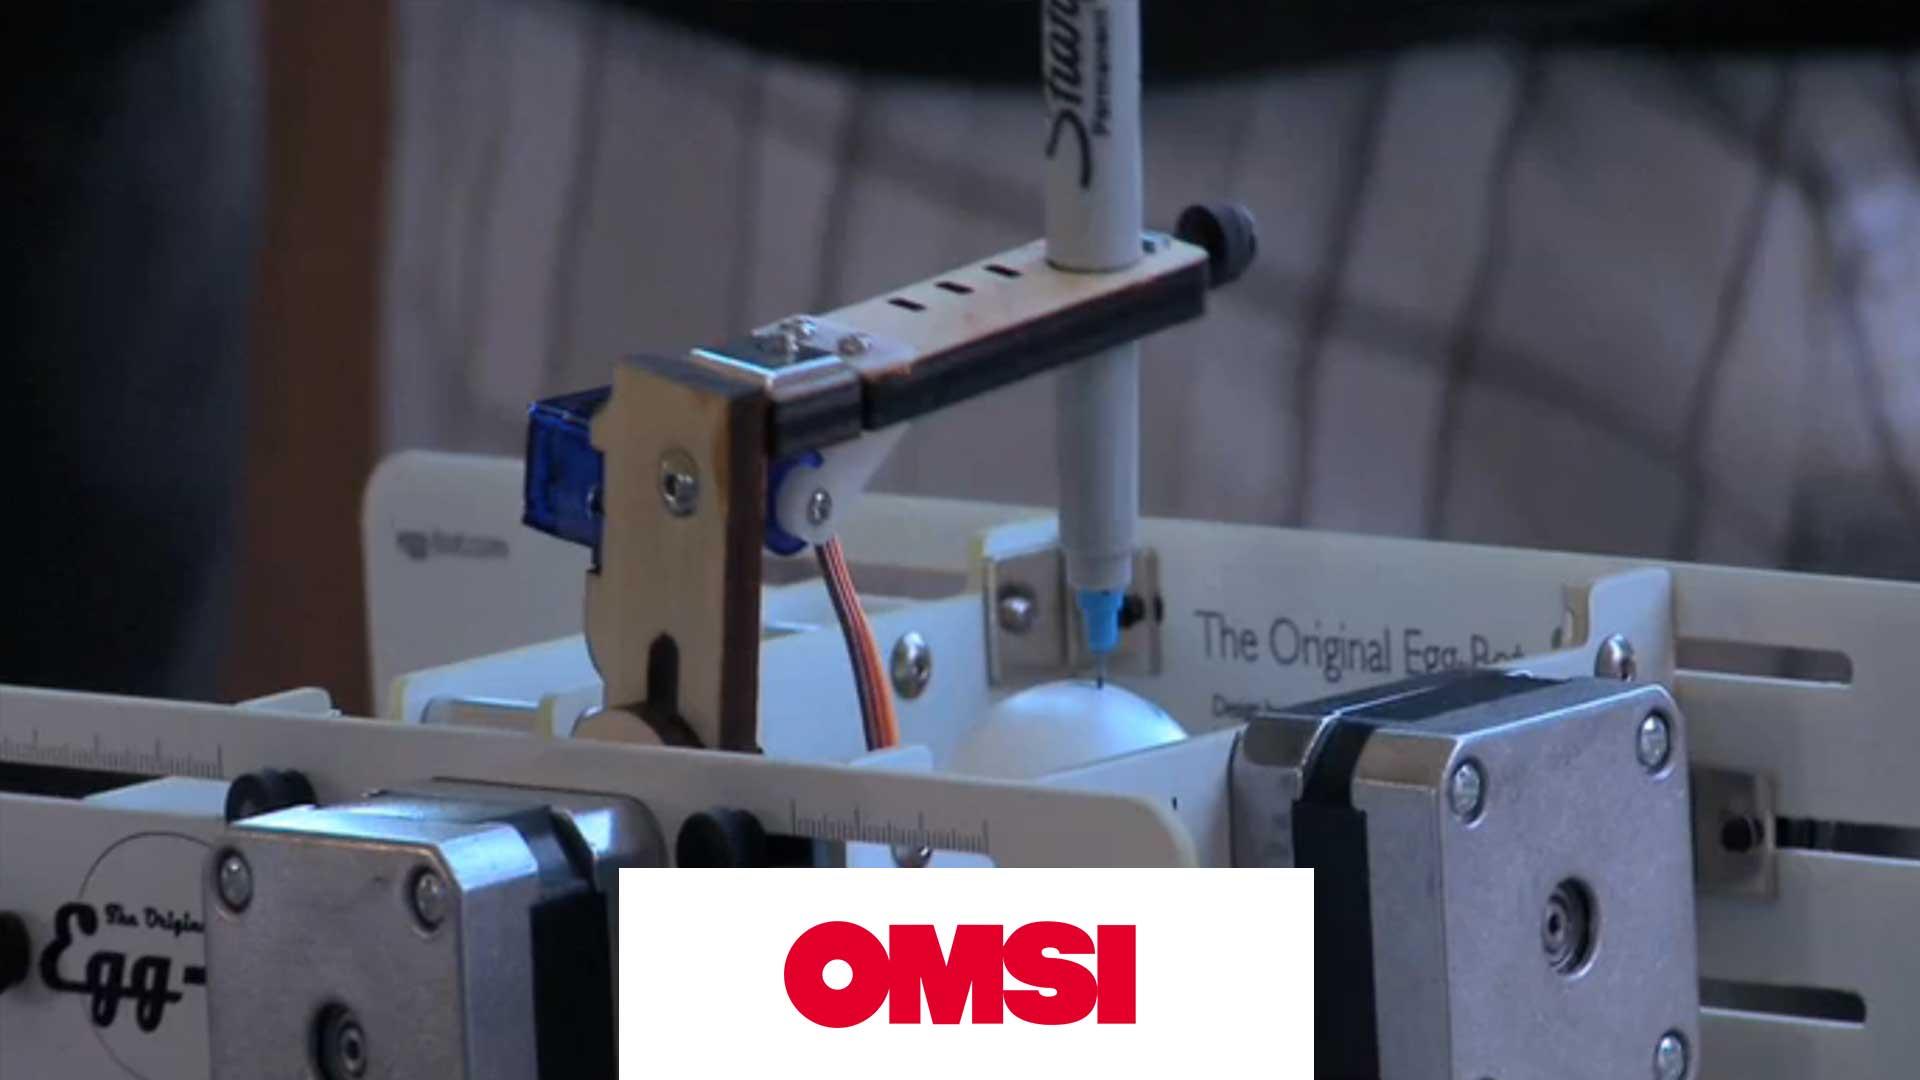 OMSI Maker's Fair